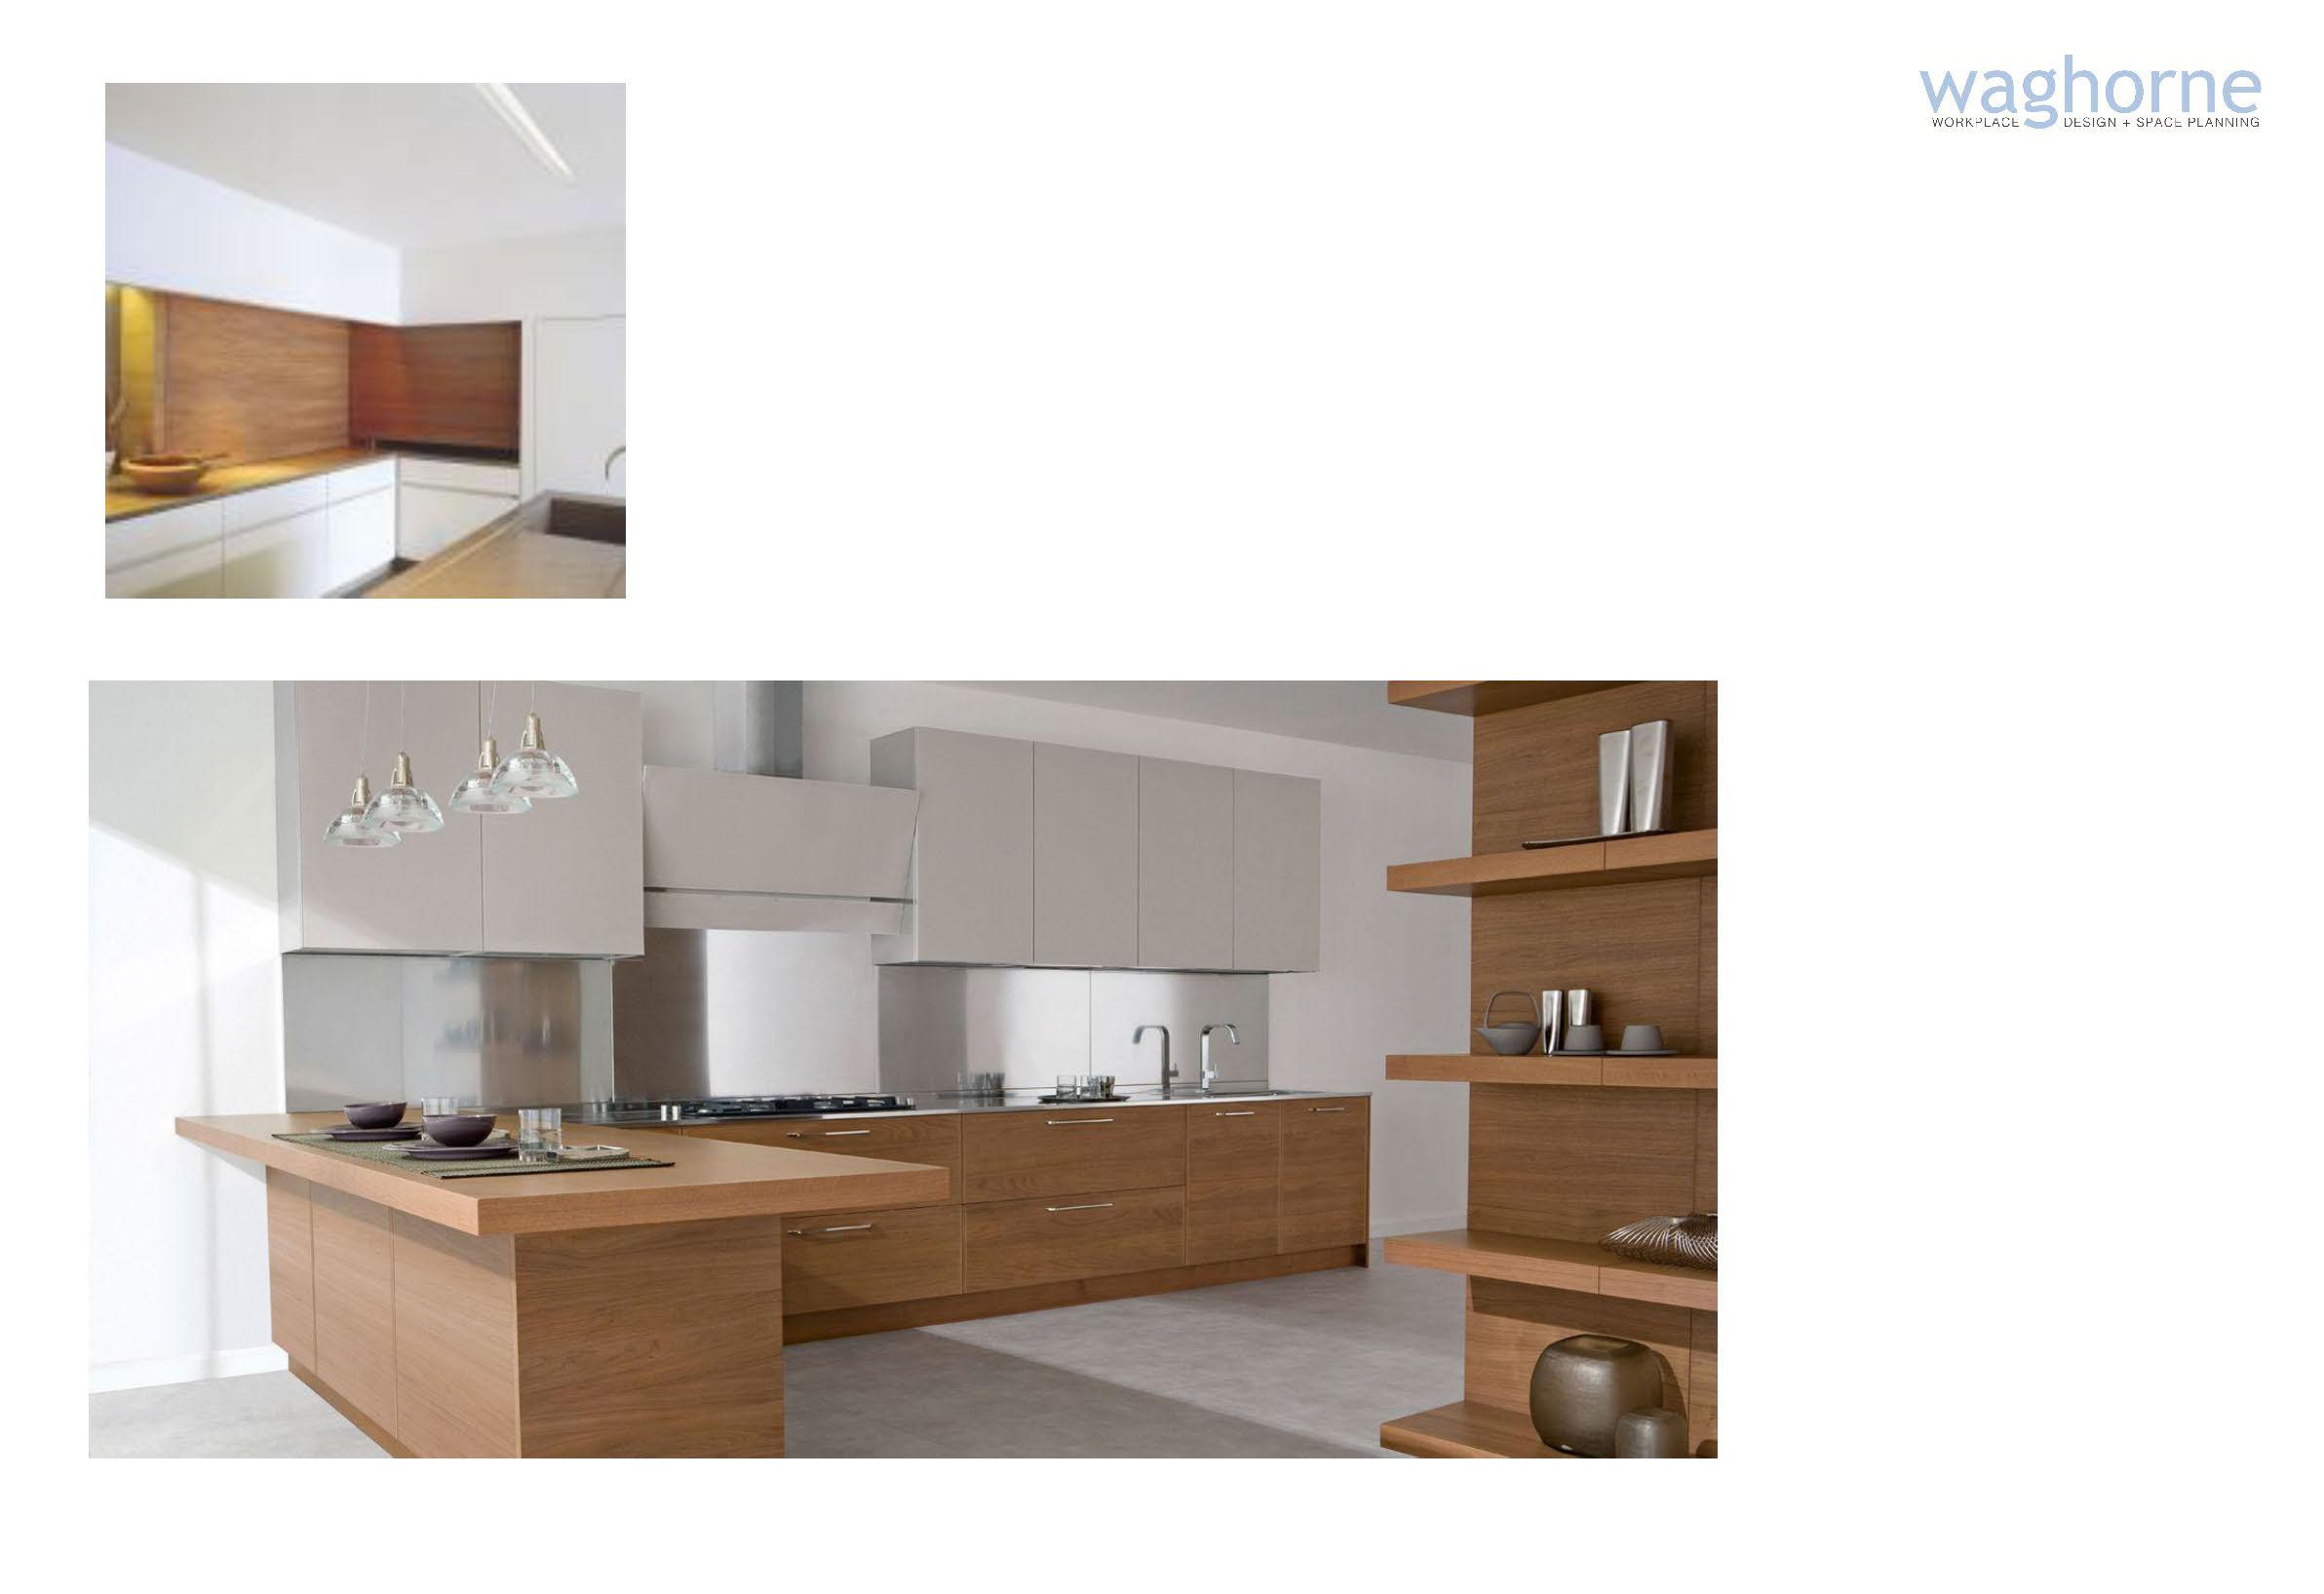 Concept design and branding - Billingshurst recruitment sector-6